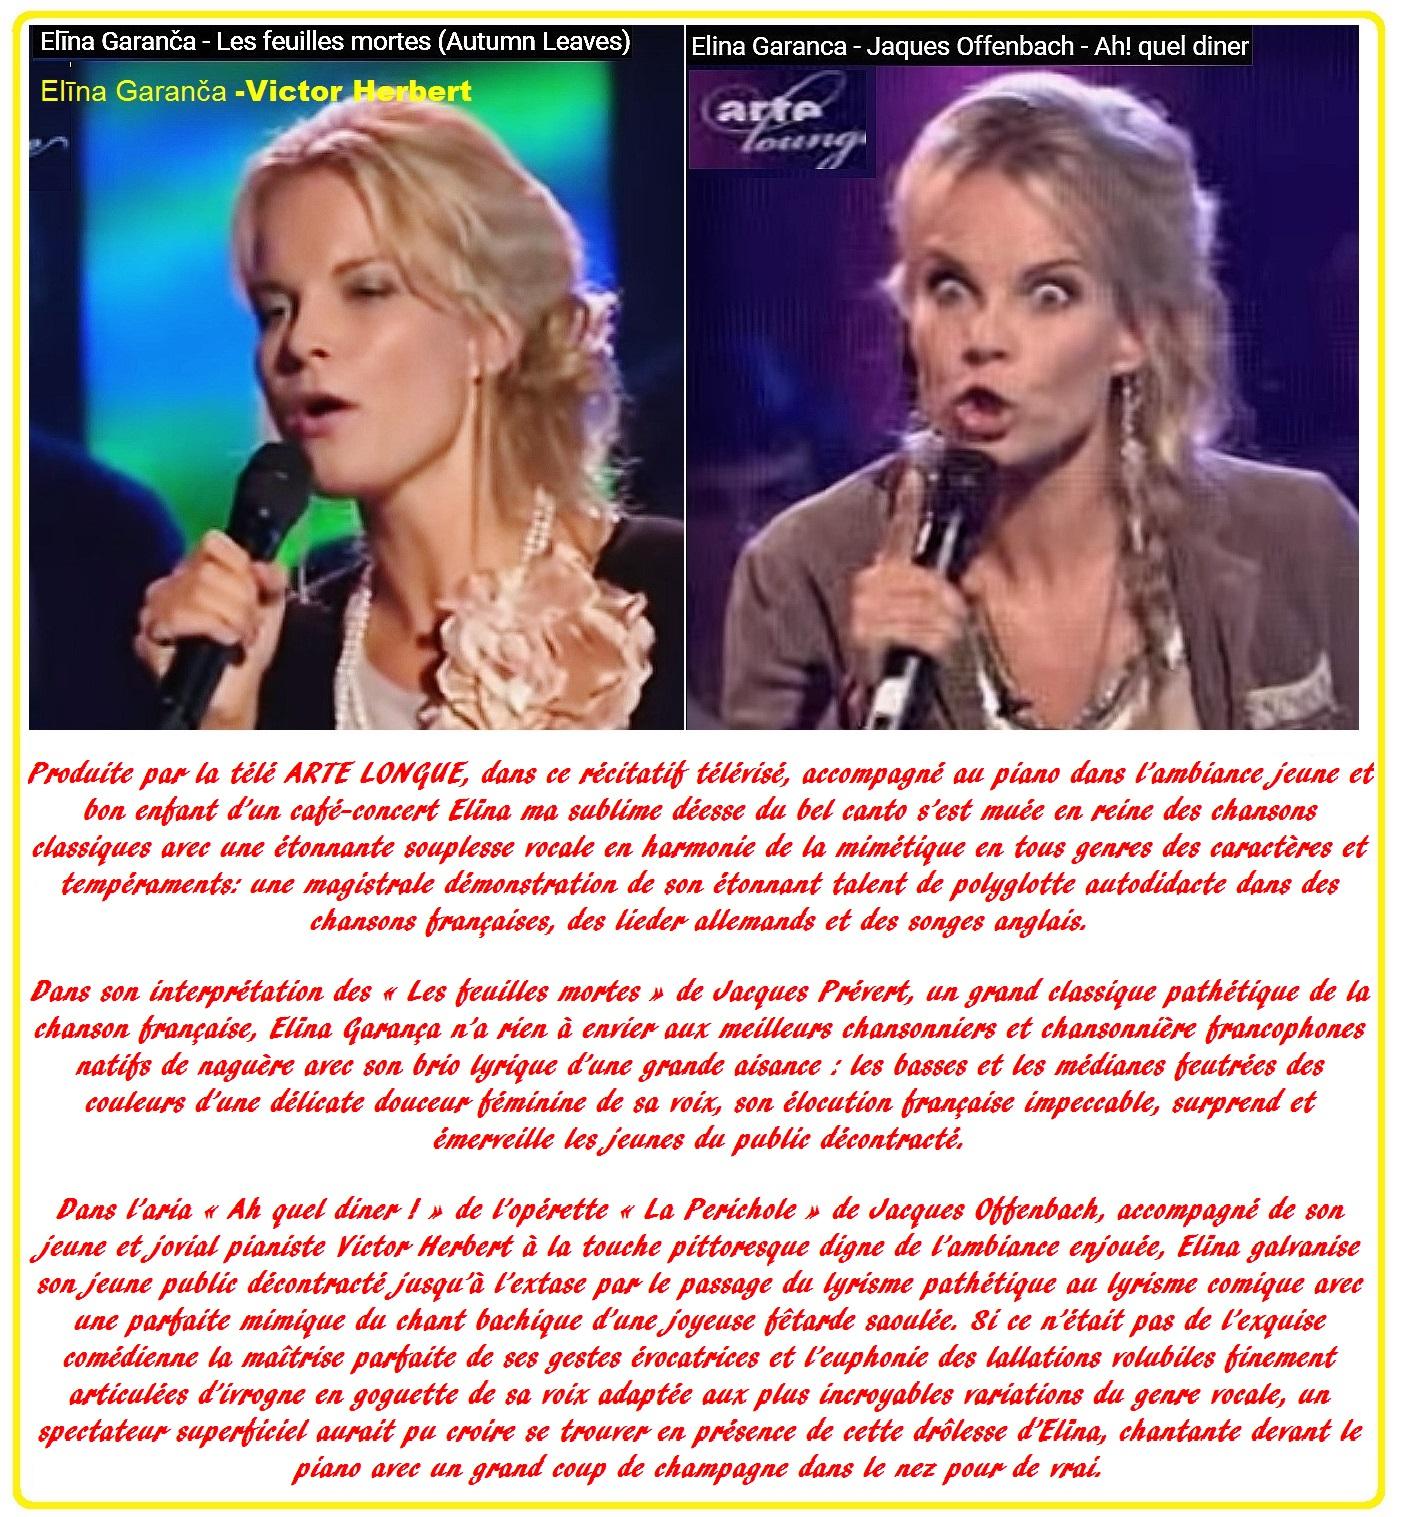 Elïna Garanča 20 - Les feuilles mortes. & Ah! quel diner!.jpg